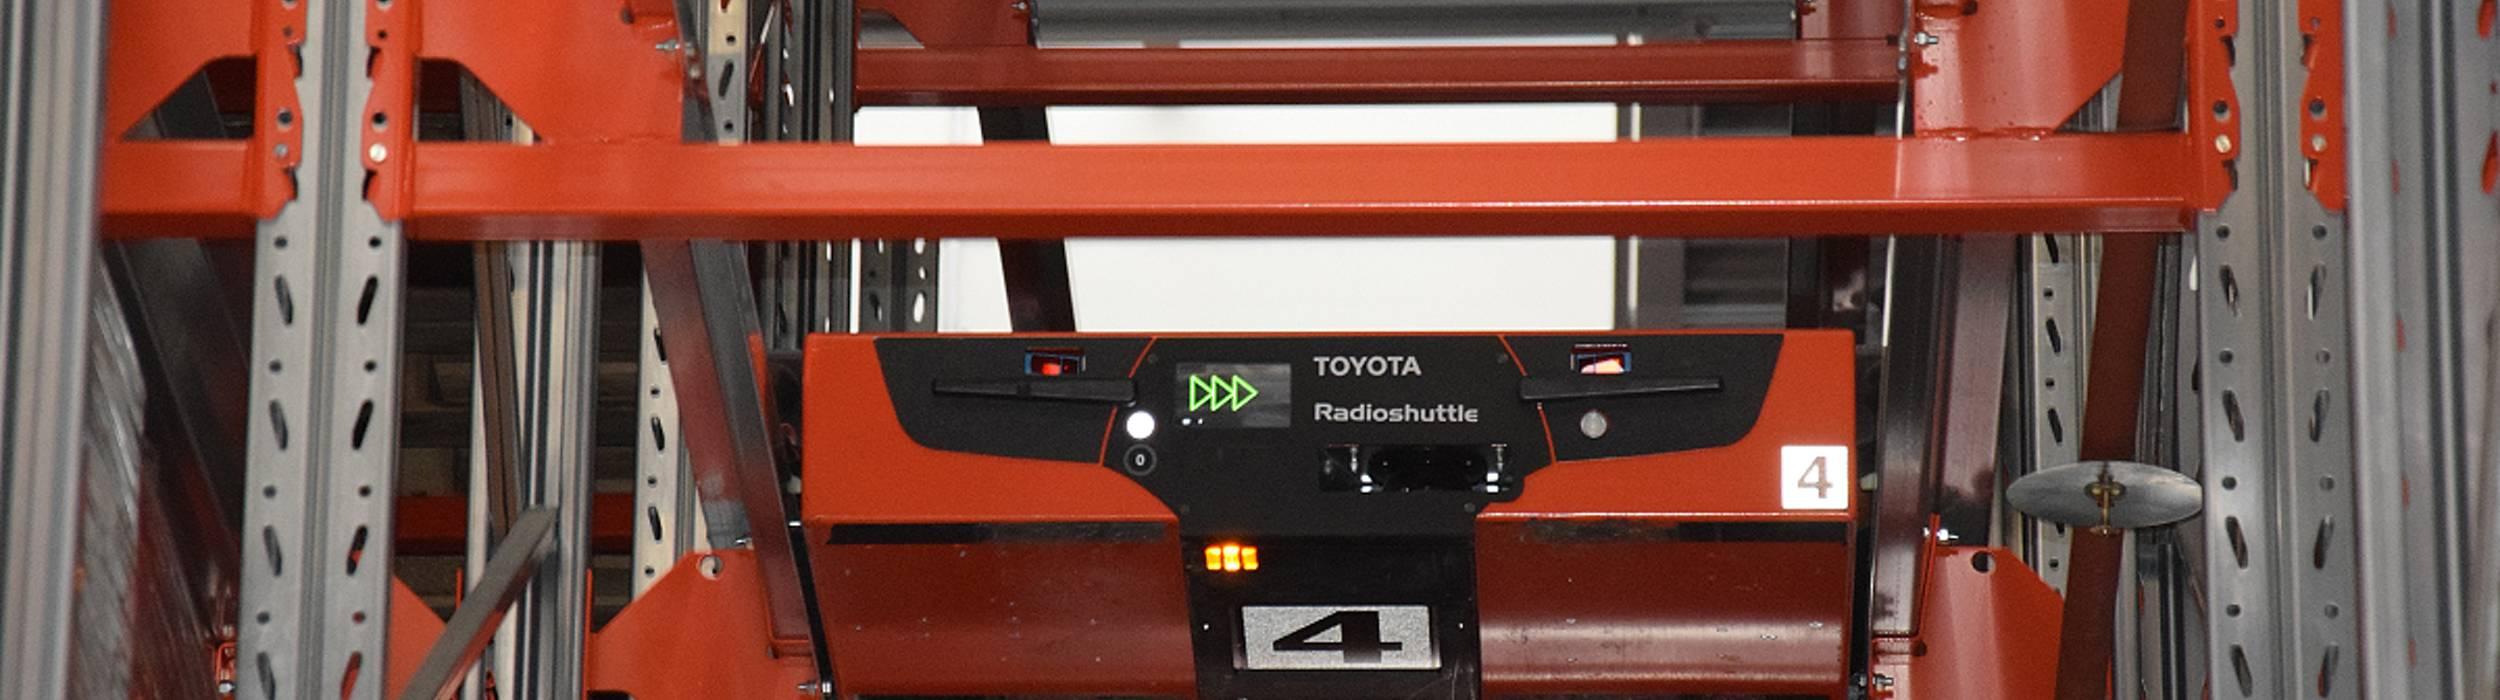 Wie die Radioshuttles von Toyota das Platzproblem bei der heimischen Fachmarktkette Zgonc lösten